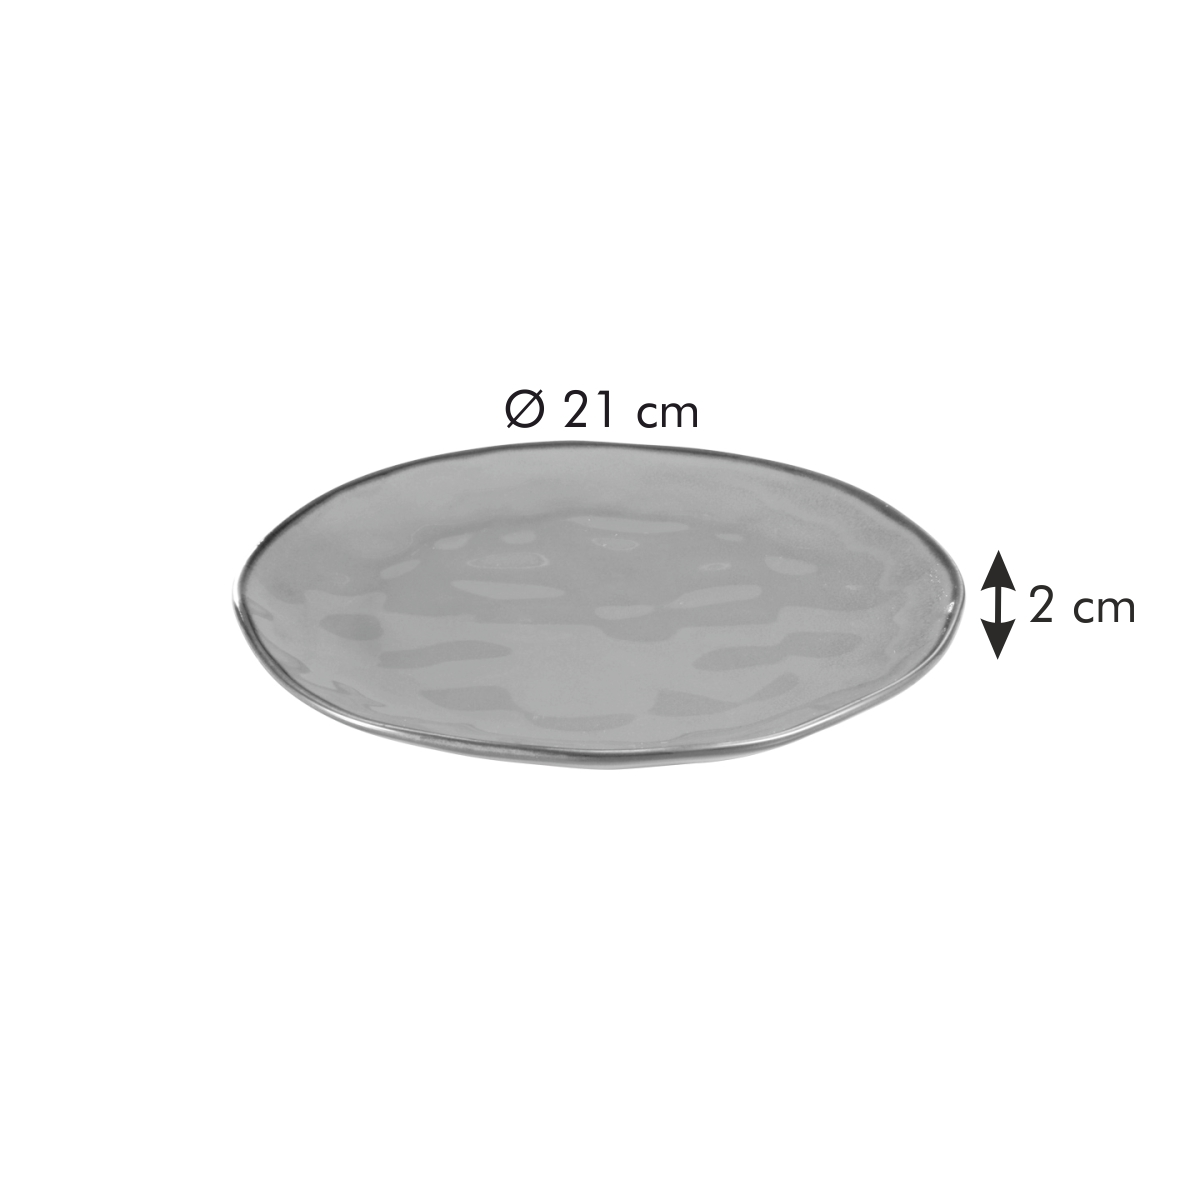 Dezertní talíř LIVING ø 21 cm